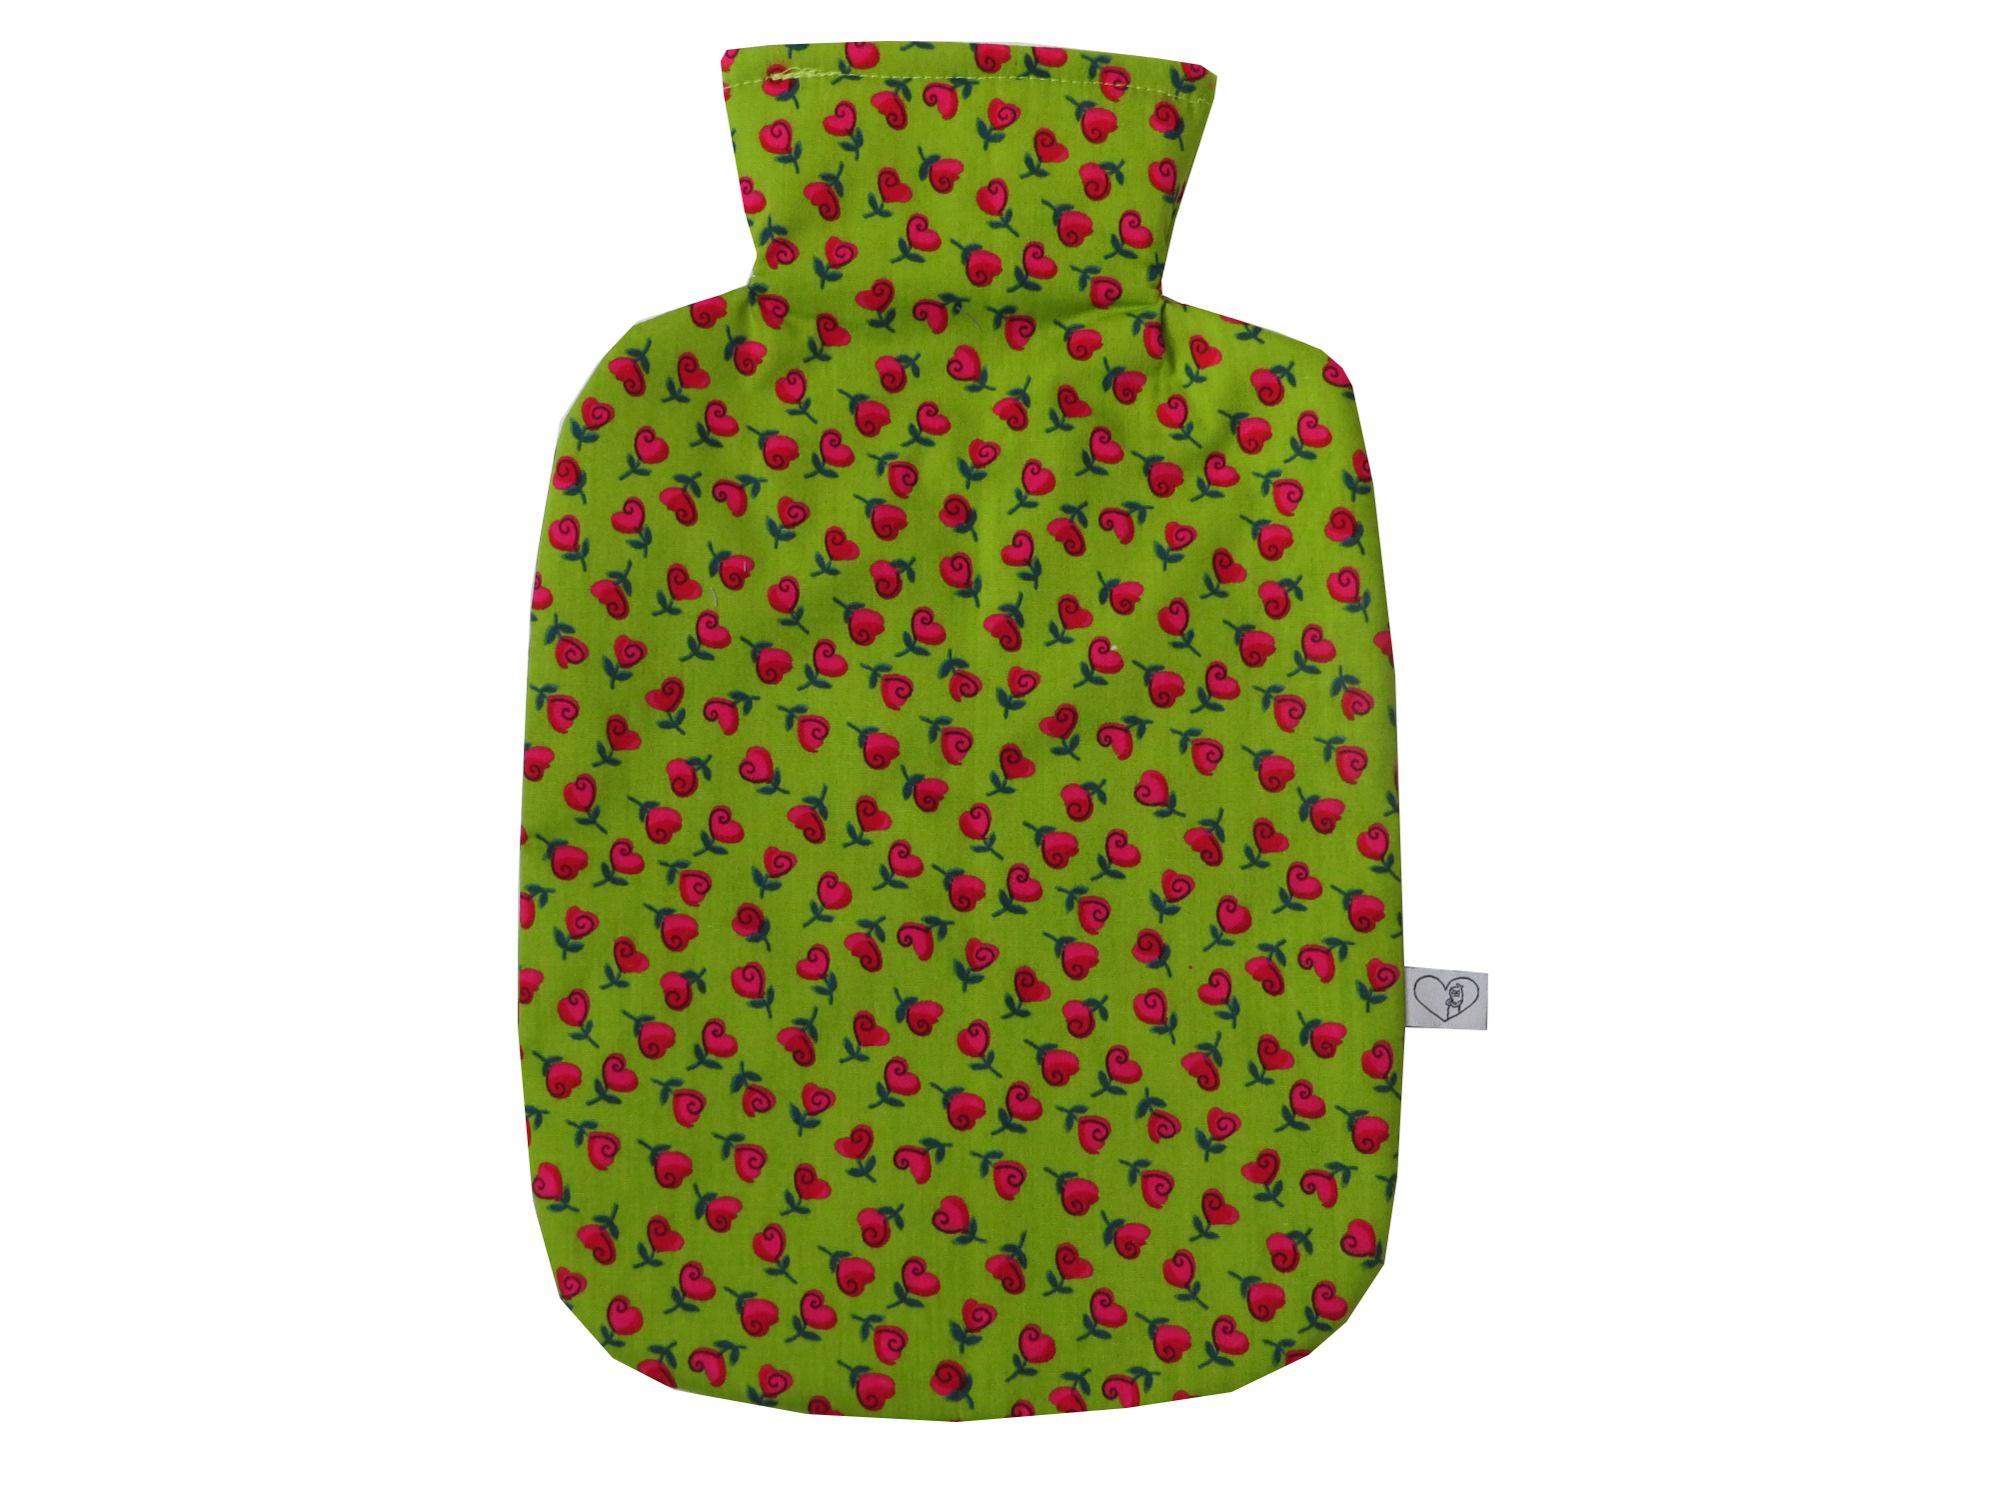 - Wärmflaschenbezug hellgrün mit Herzblumen für 2l Wärmflasche - Wärmflaschenbezug hellgrün mit Herzblumen für 2l Wärmflasche